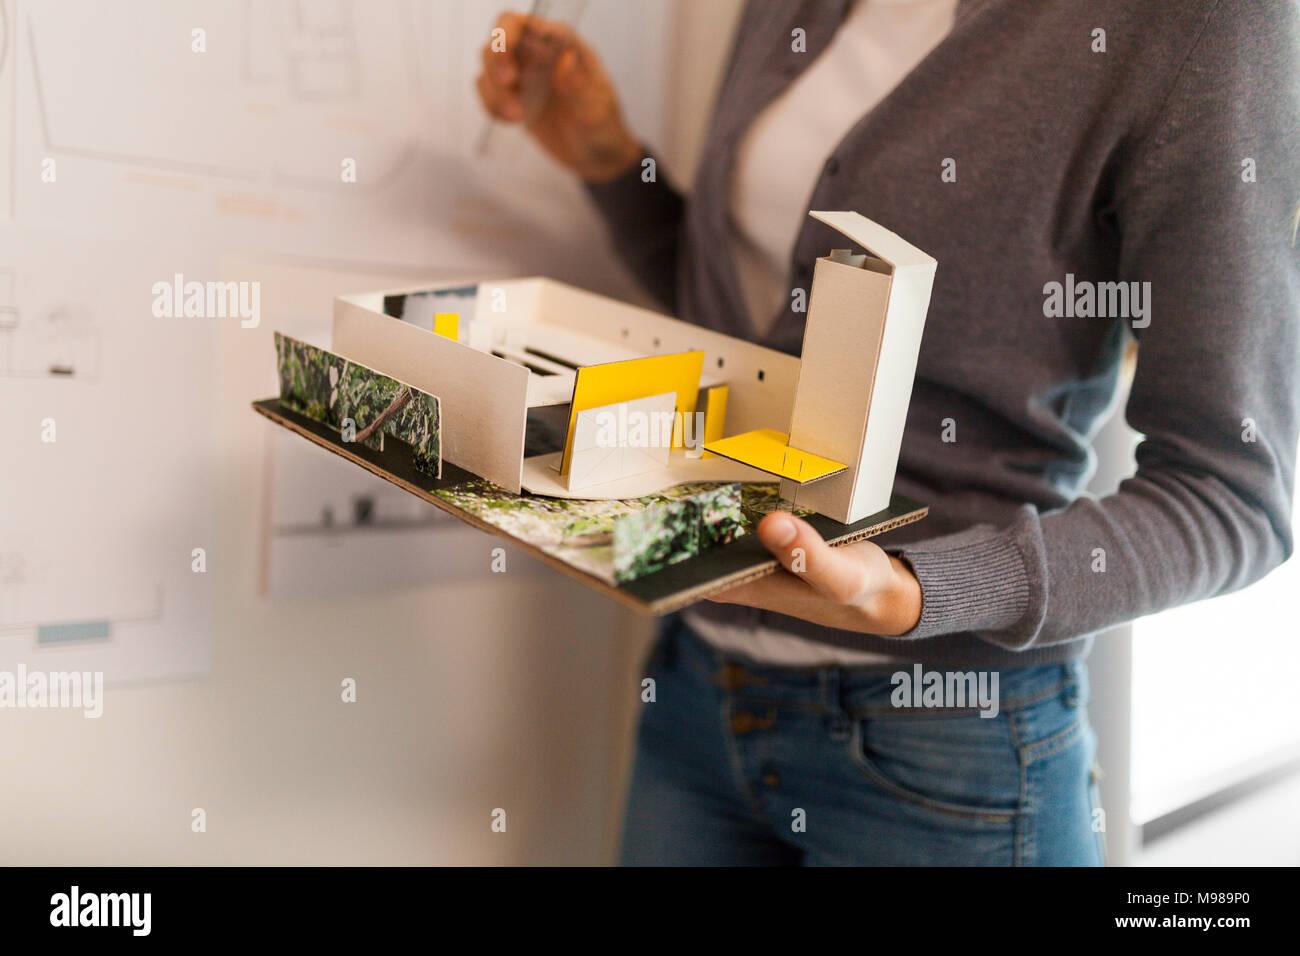 Architetto femmina lavorando su un progetto, tenendo modello architettonico Immagini Stock